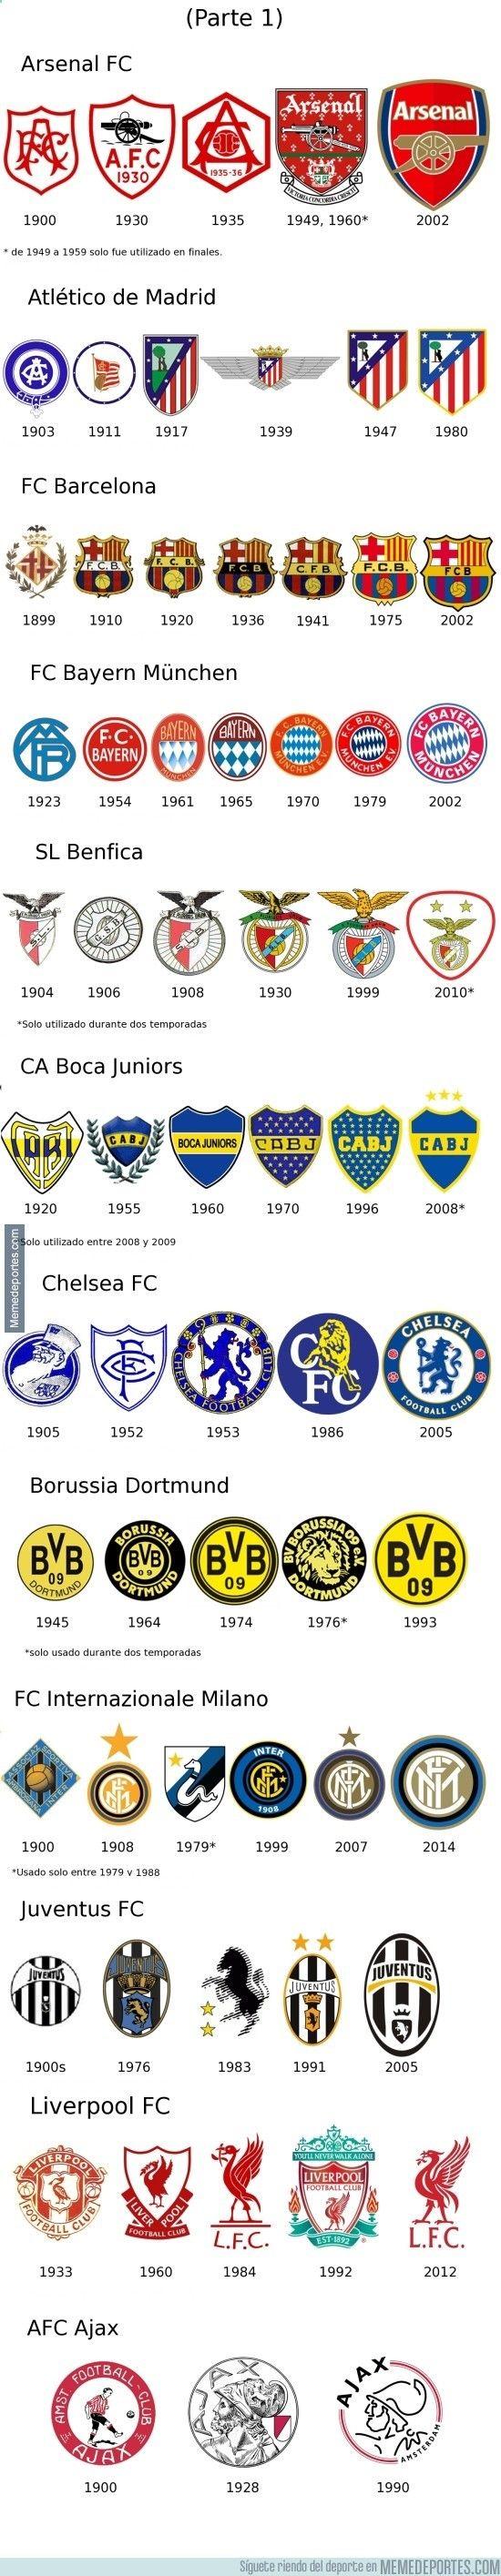 769286 - La evolución de escudos de los clubs más ganadores de las principales ligas del mundo (PARTE 1)